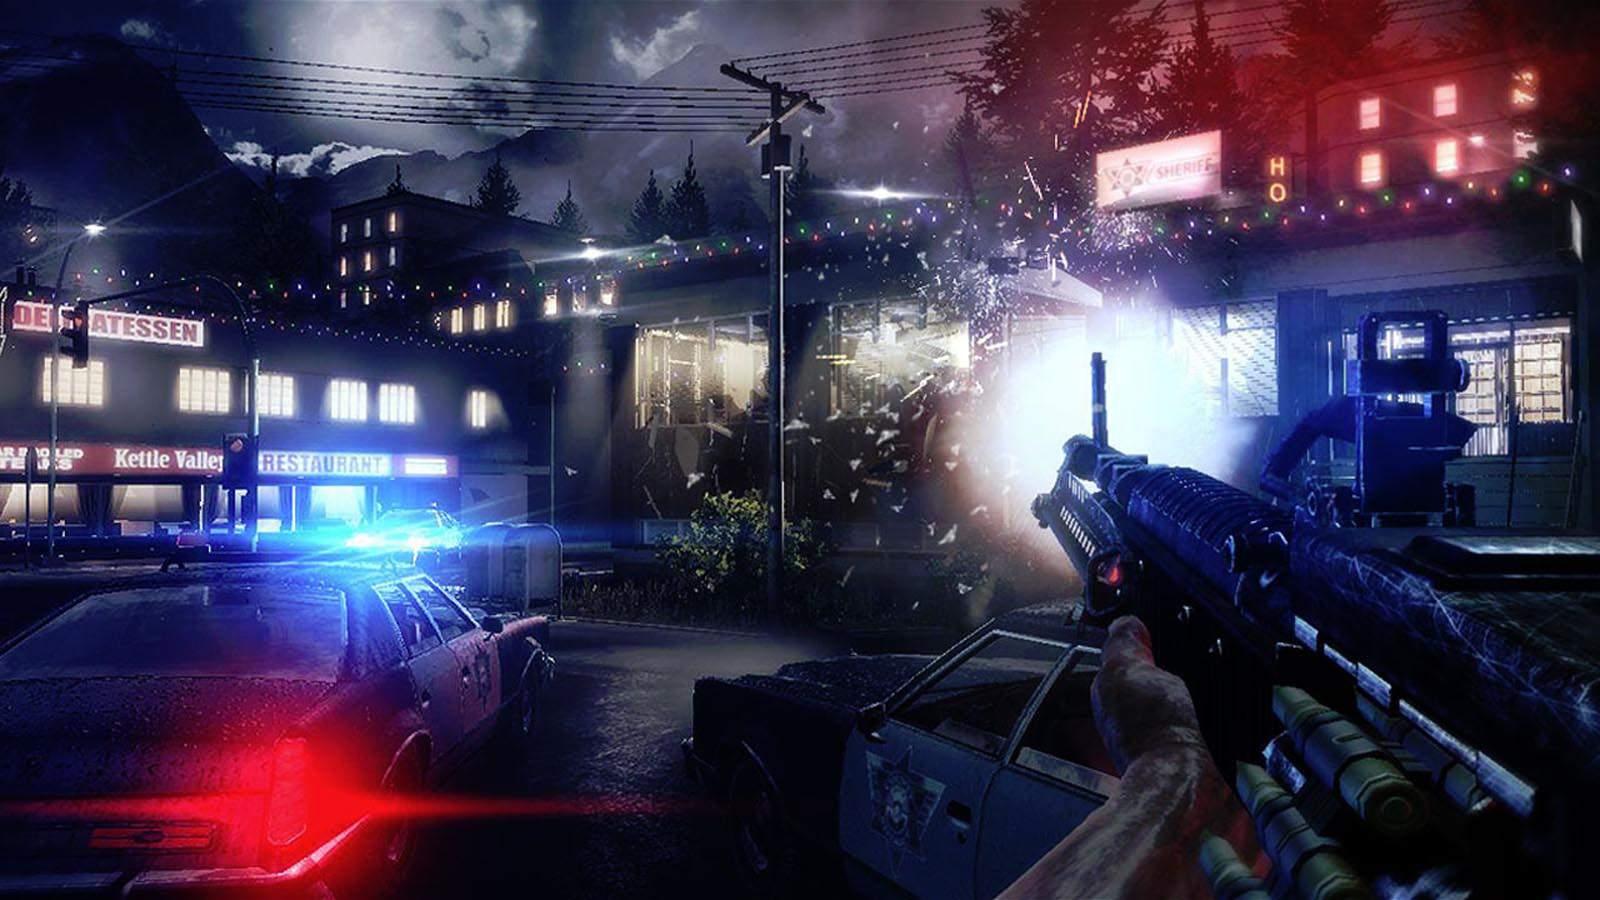 تحميل لعبة Rambo The Video Game مضغوطة برابط واحد مباشر + تورنت كاملة مجانا